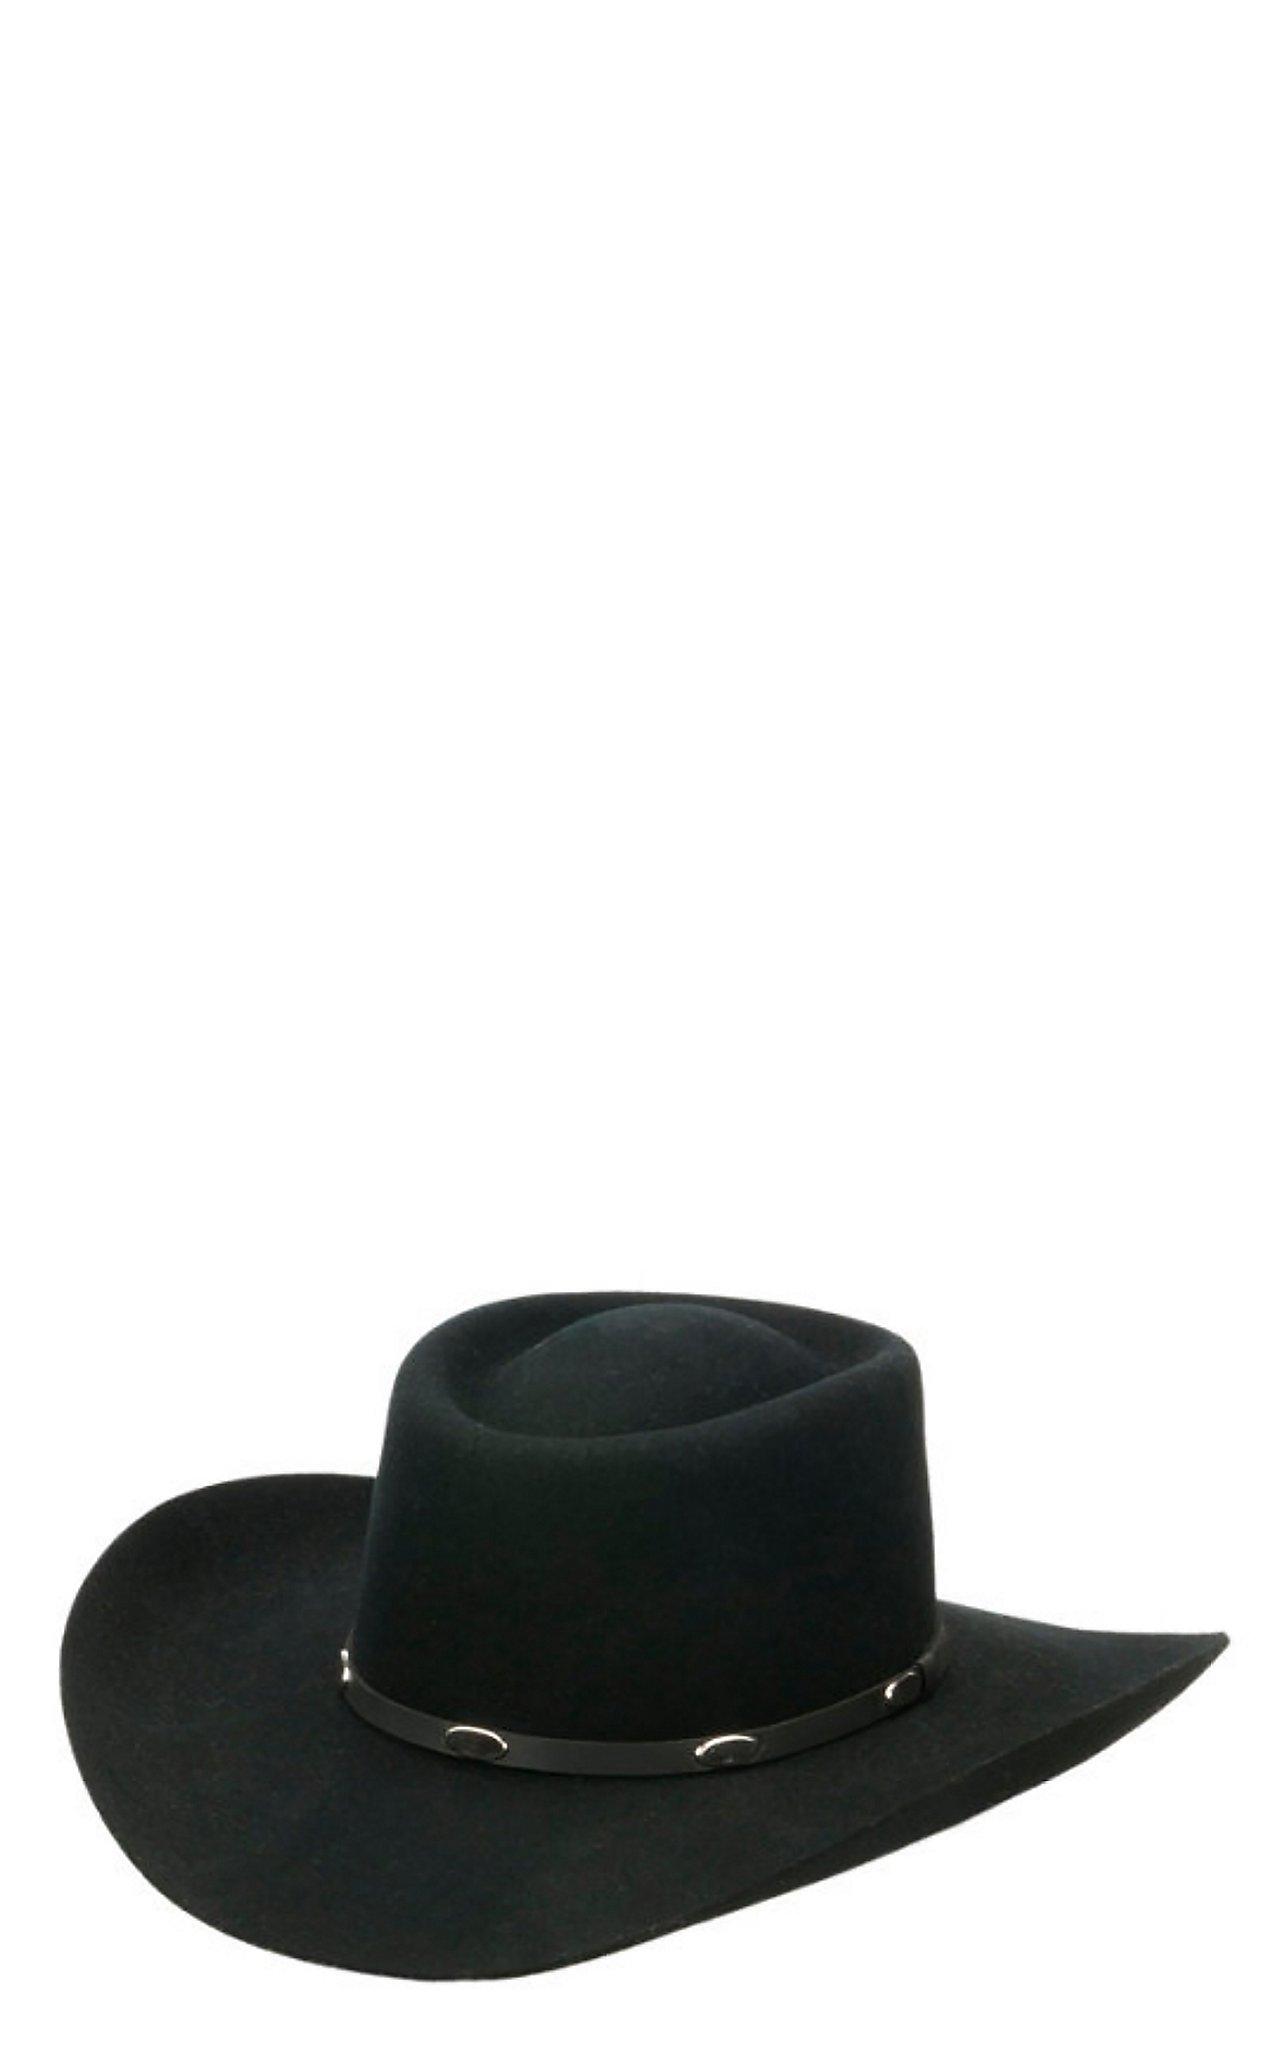 Master Hatters 3X Hold Em Gambler Black Wool Cowboy Hat 9191dc9ef0a9